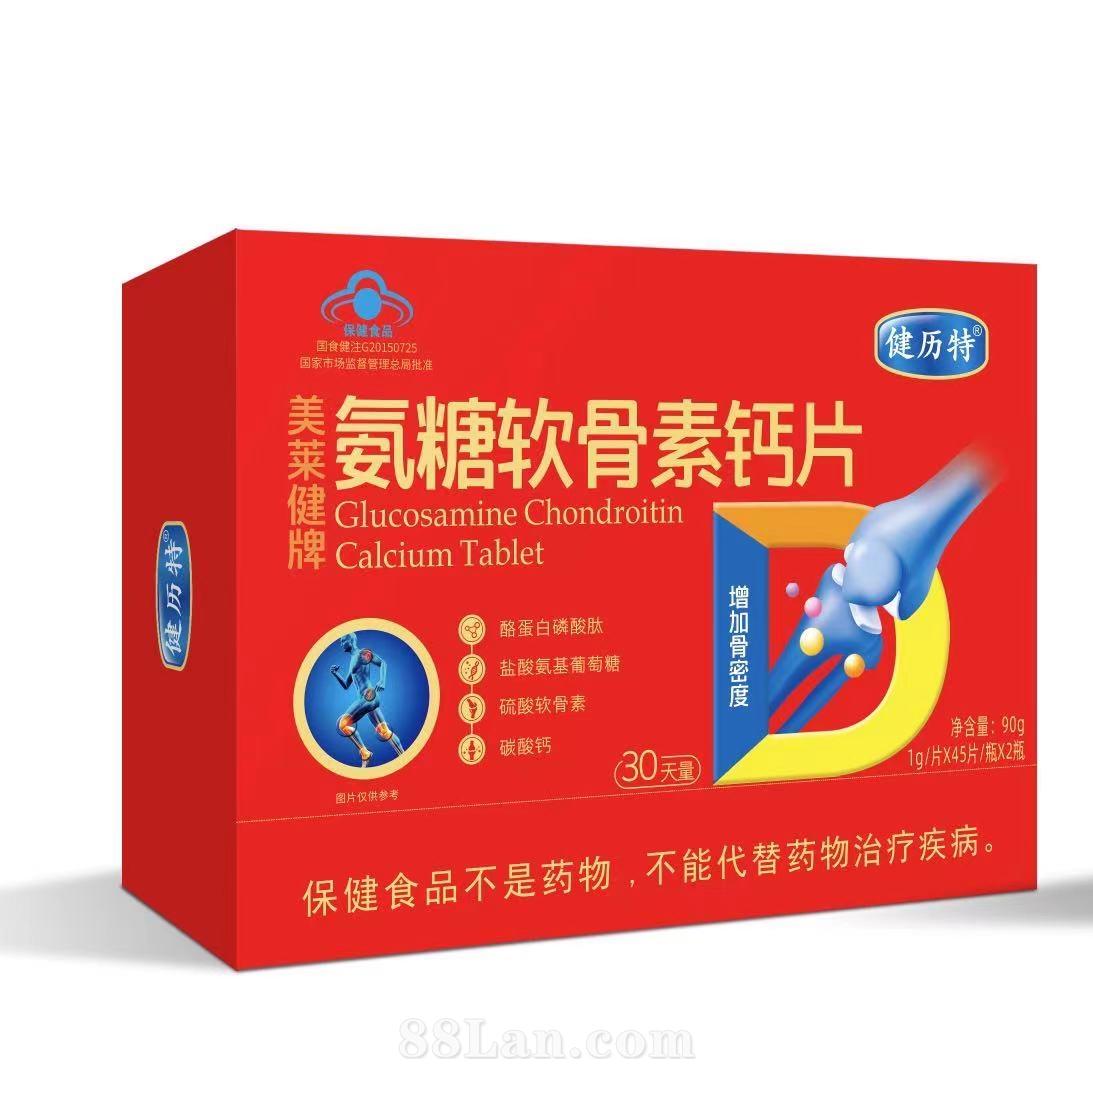 美莱健牌氨糖软骨素钙片(30天量)